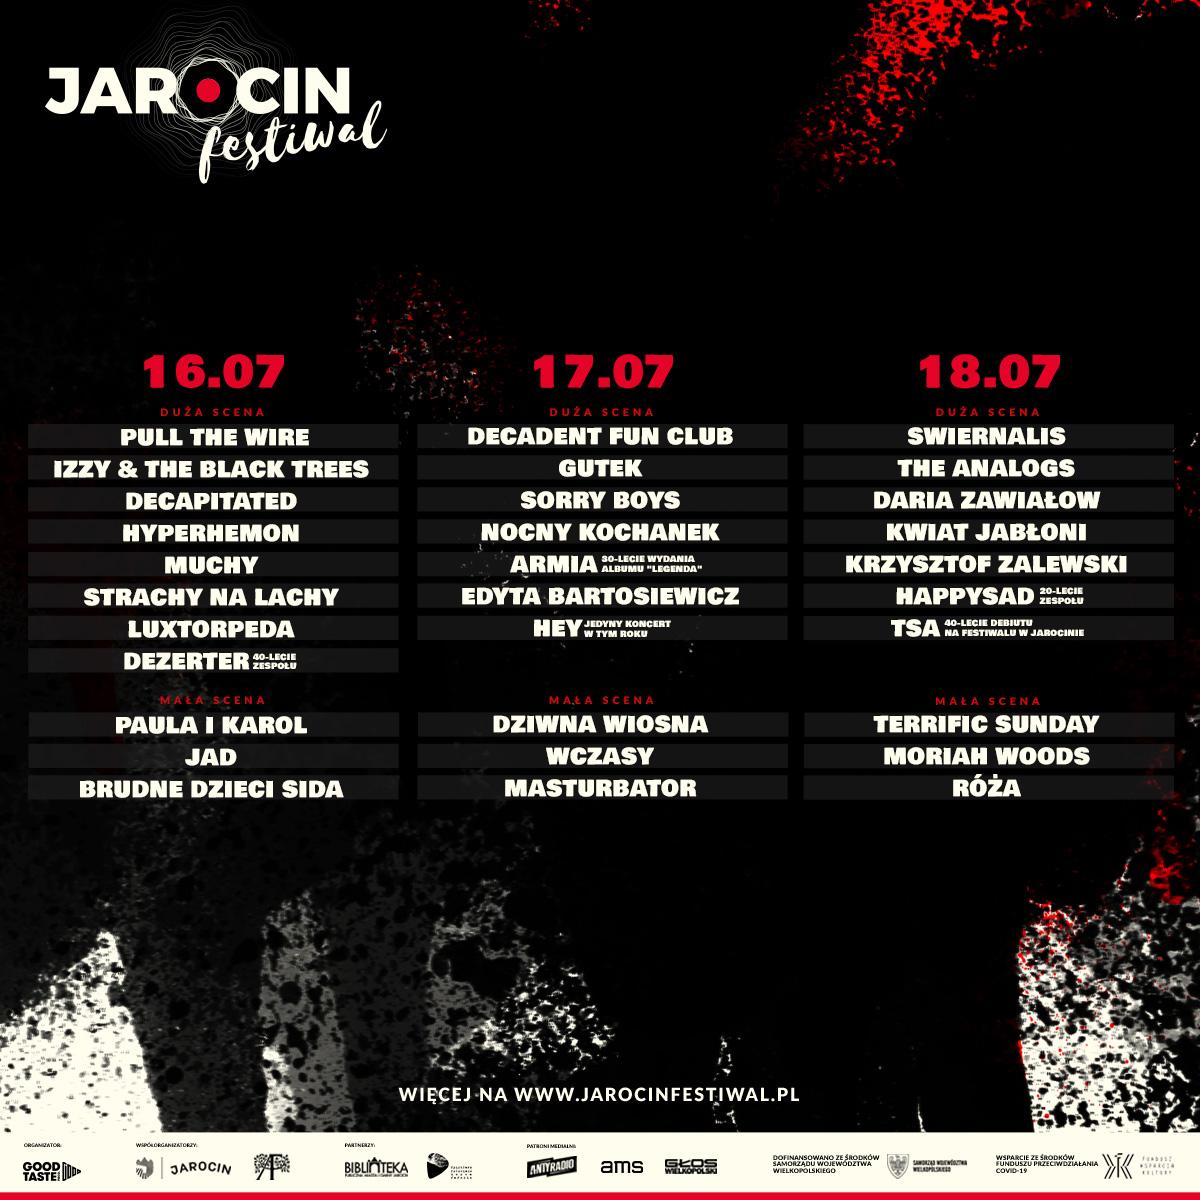 Jarocin Festiwal 2021 – znamy podział na dni i dużą/małą scenę.